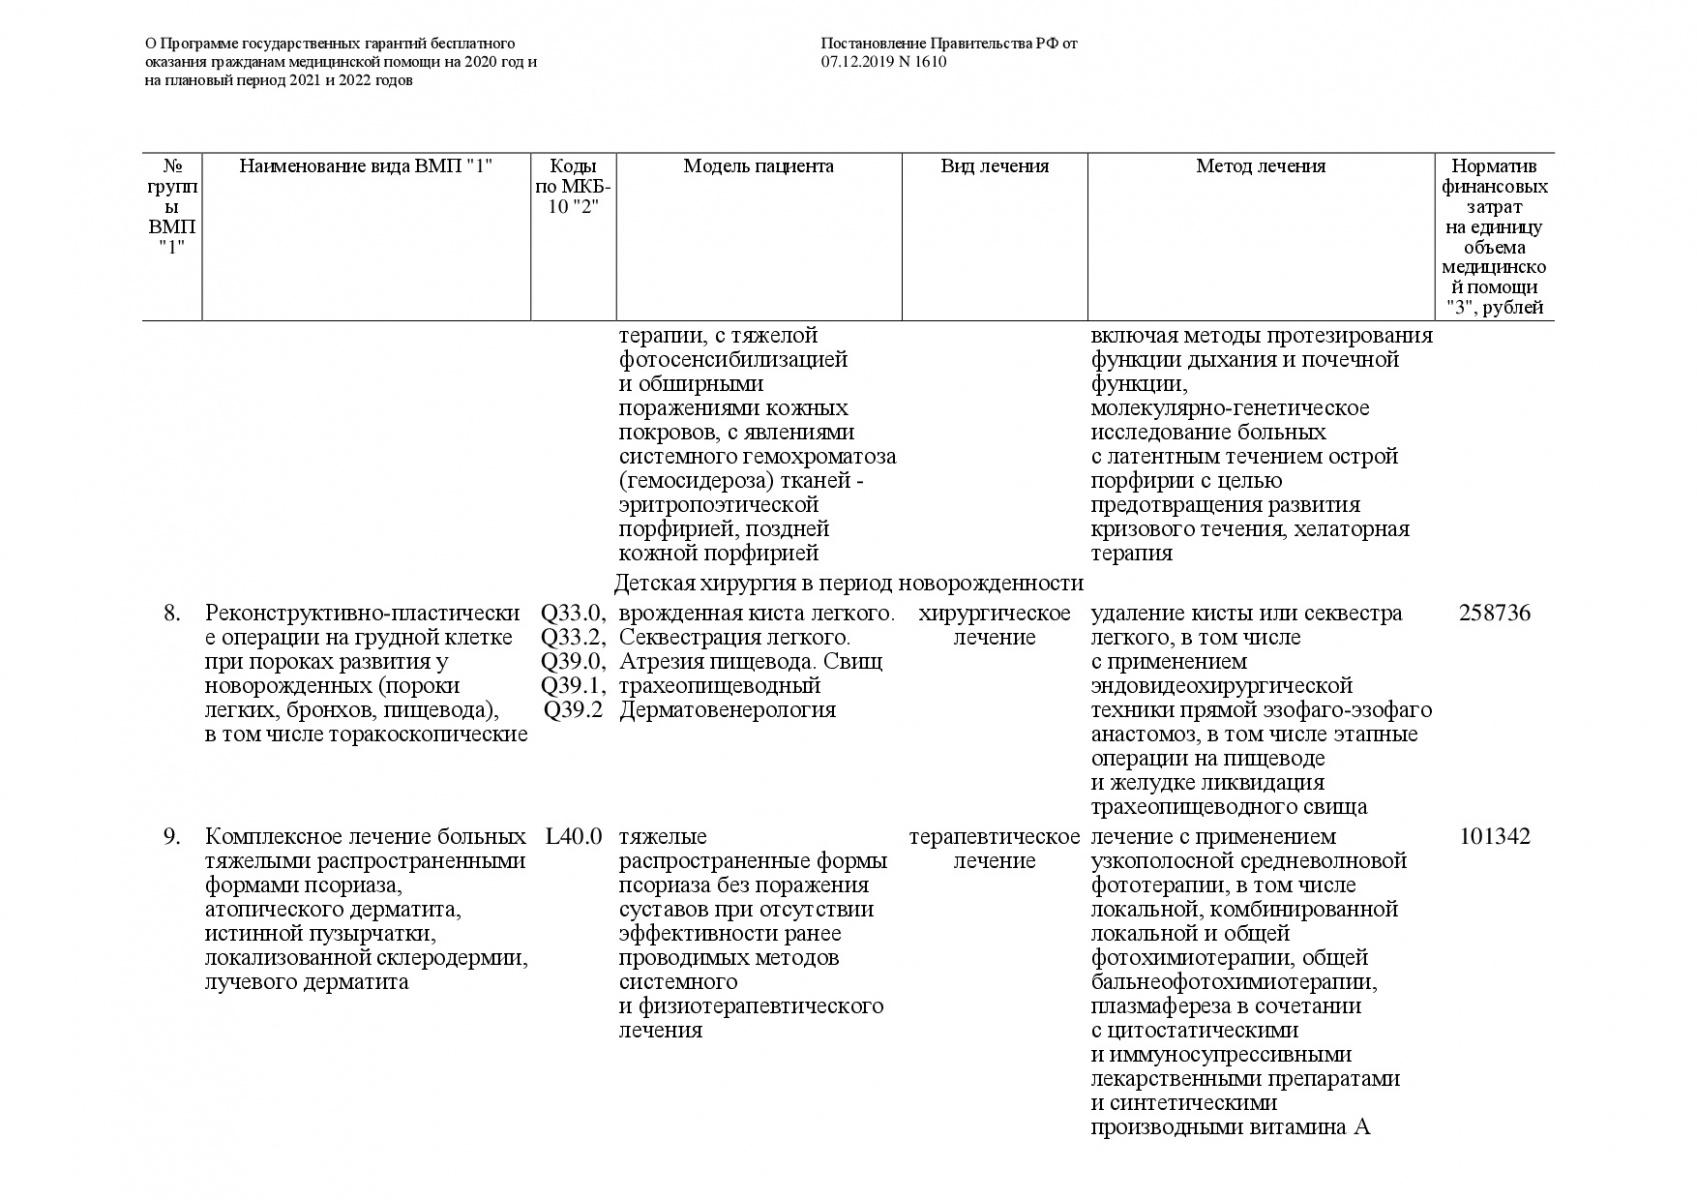 Postanovlenie-Pravitelstva-RF-ot-07_12_2019-1610-O-PGG-044